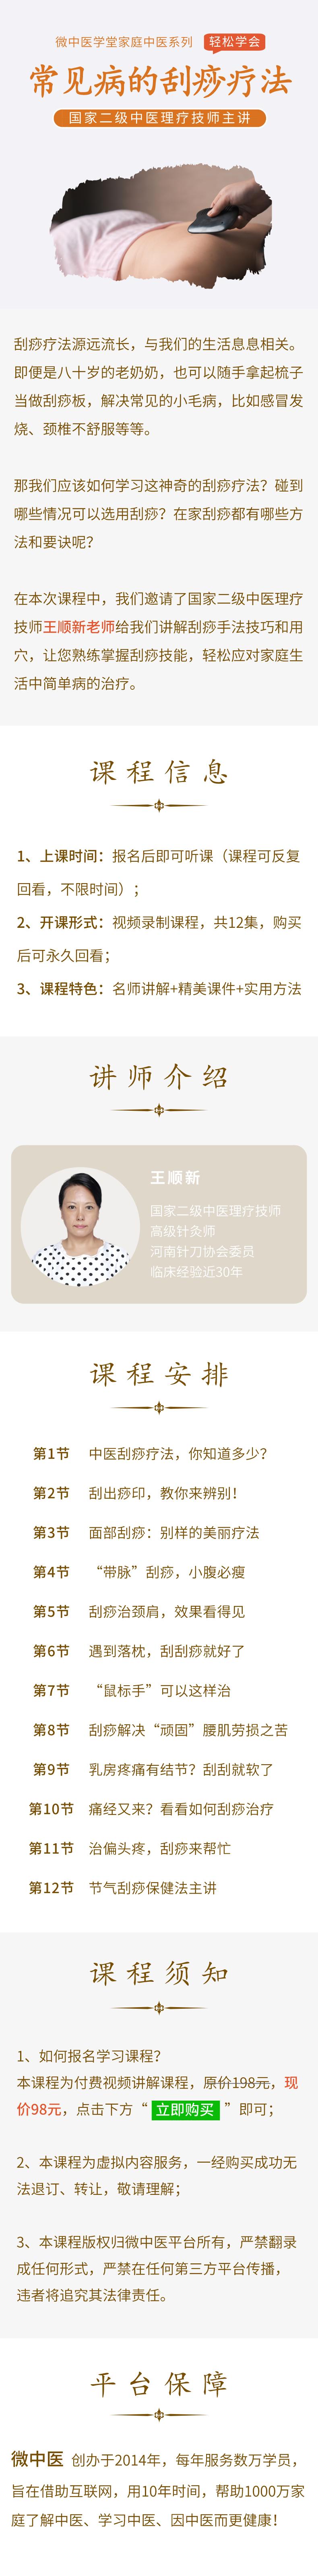 家庭中医4刮痧-王顺新.png